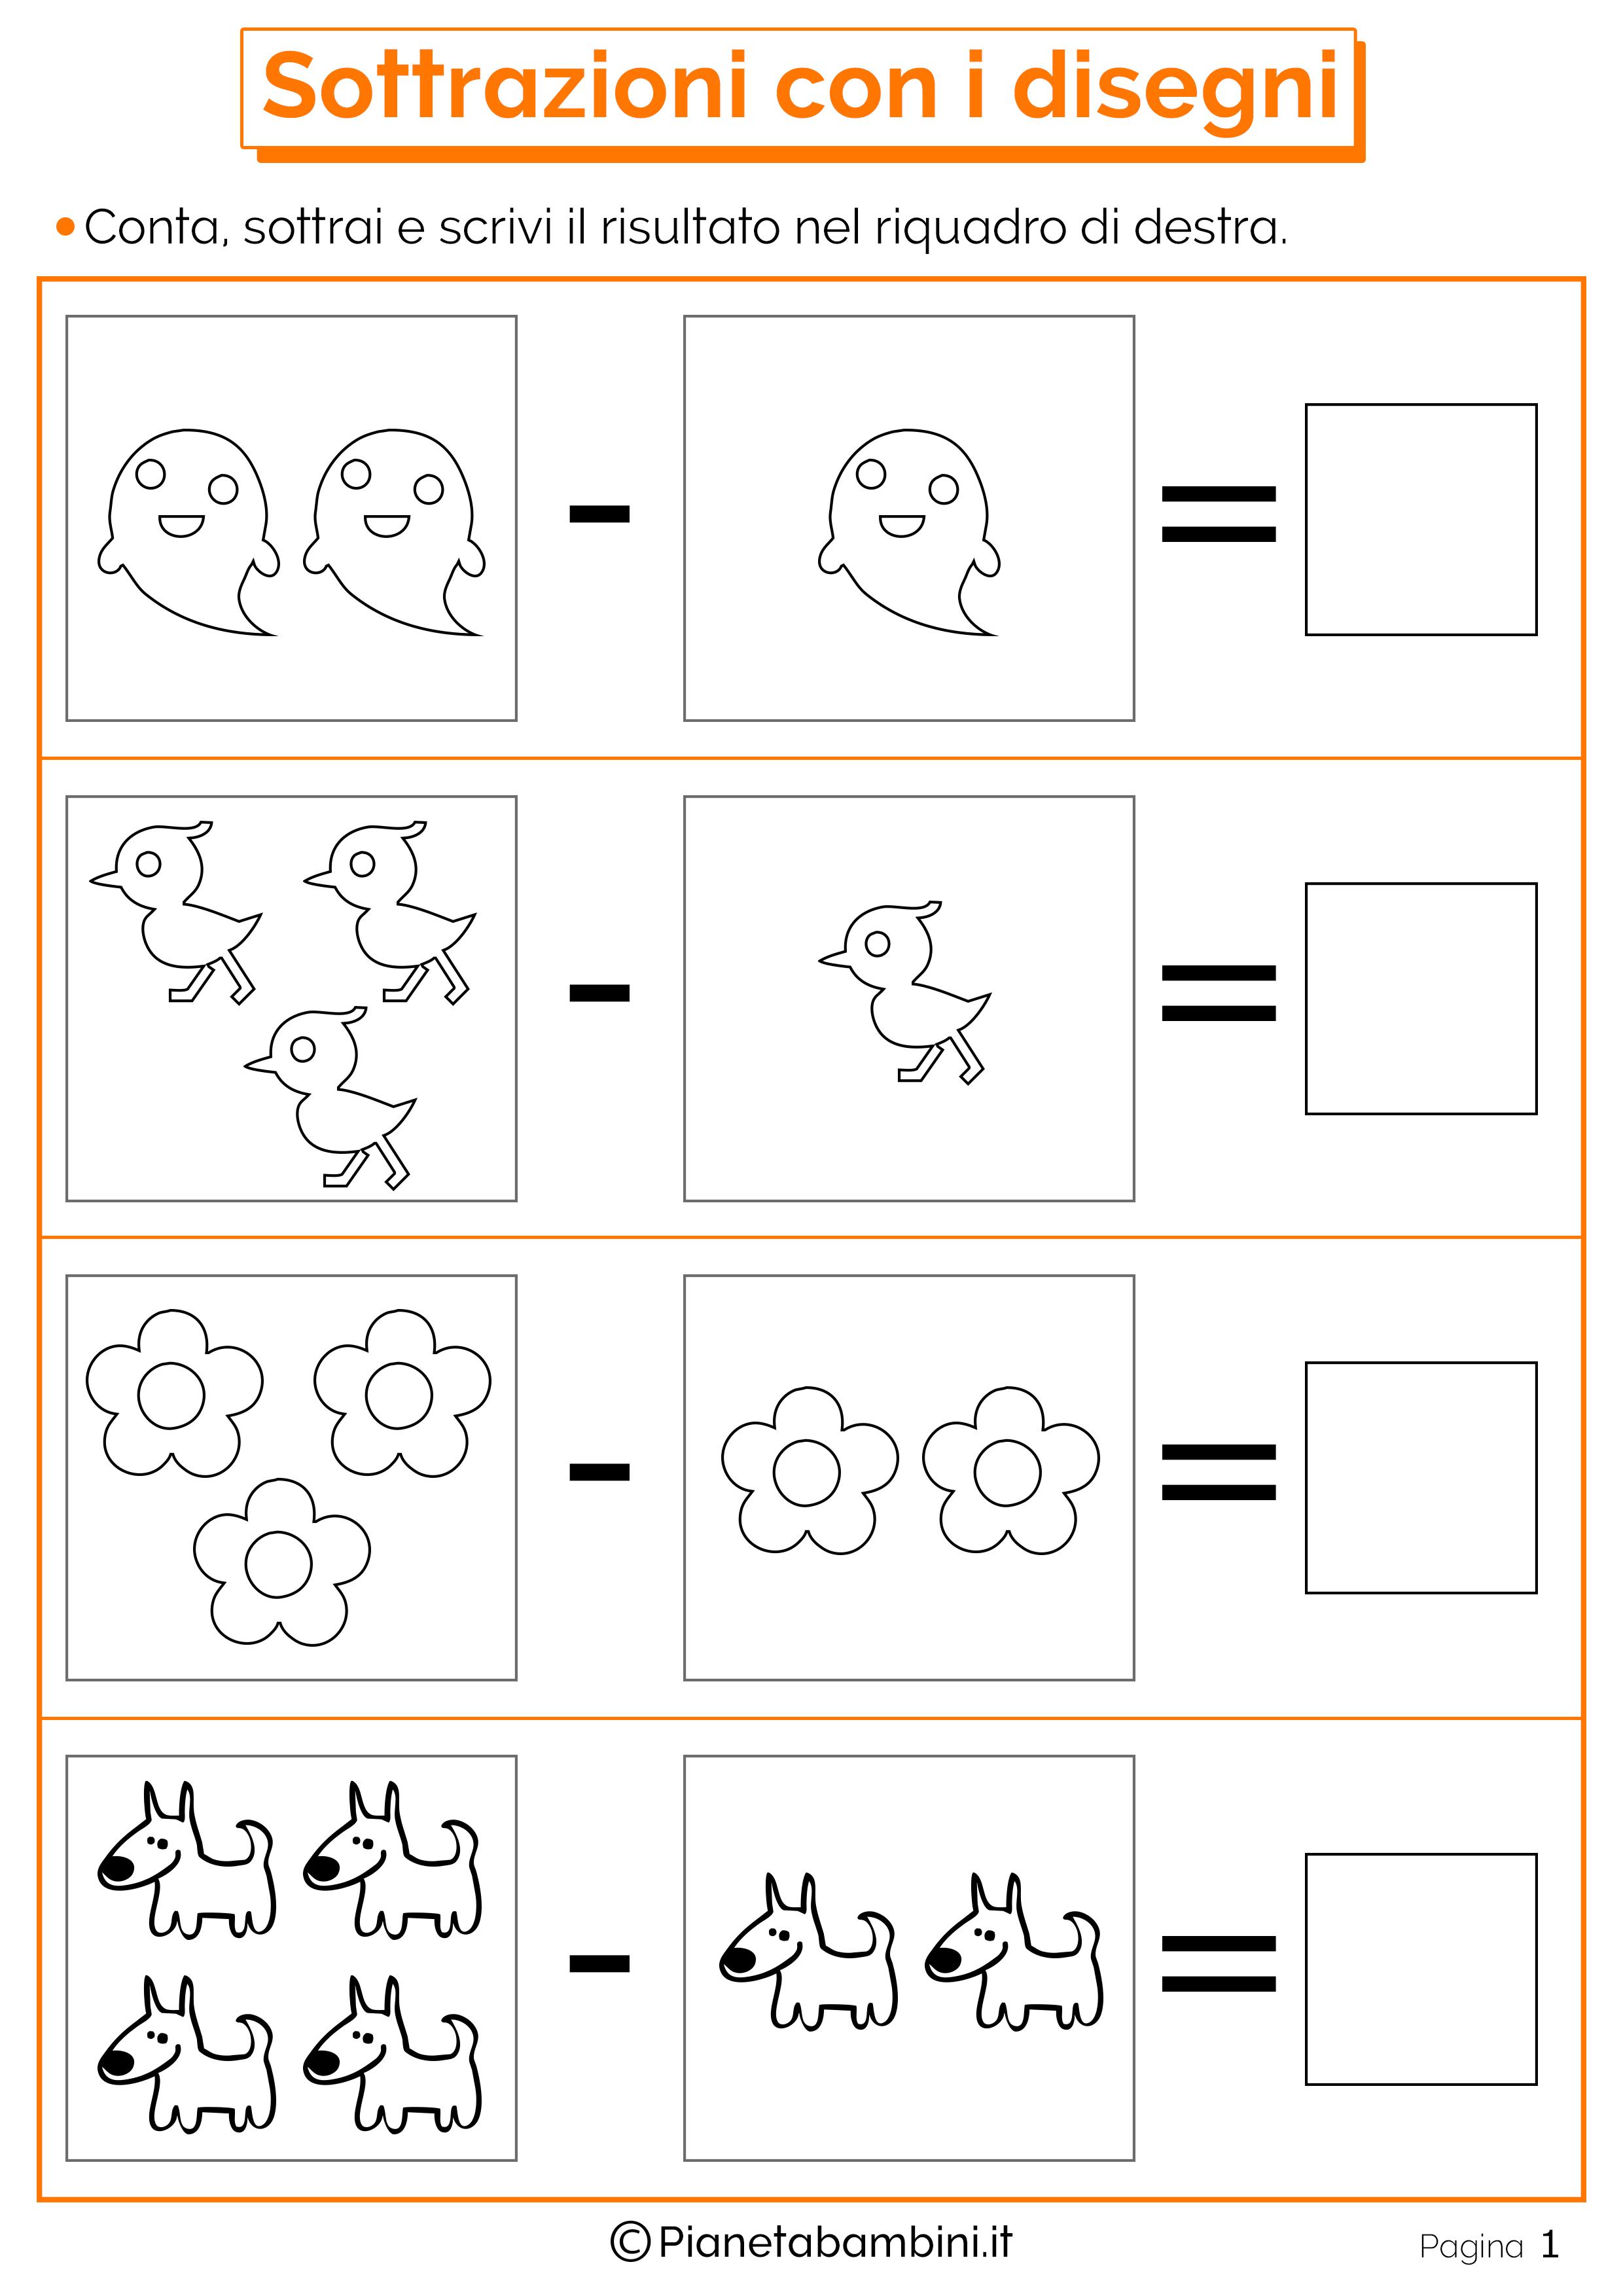 Sottrazioni-Disegni_1